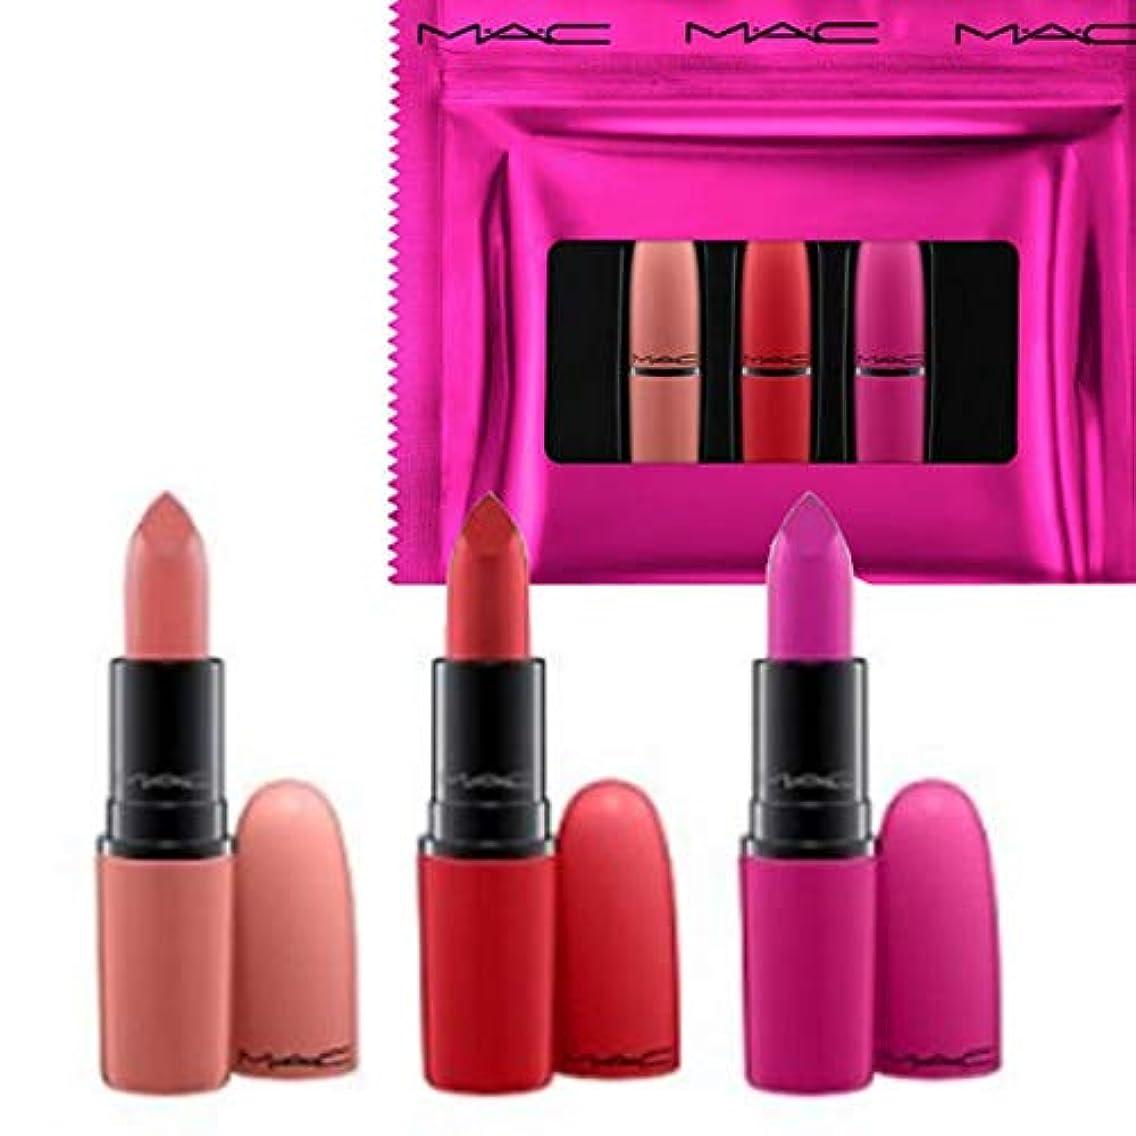 にぎやか貢献するあらゆる種類のM.A.C ?マック, Limited Edition 限定版, 3-Pc. Shiny Pretty Things Lip Set - Russian Red/Kinda Sexy/Flat Out Fabulous...